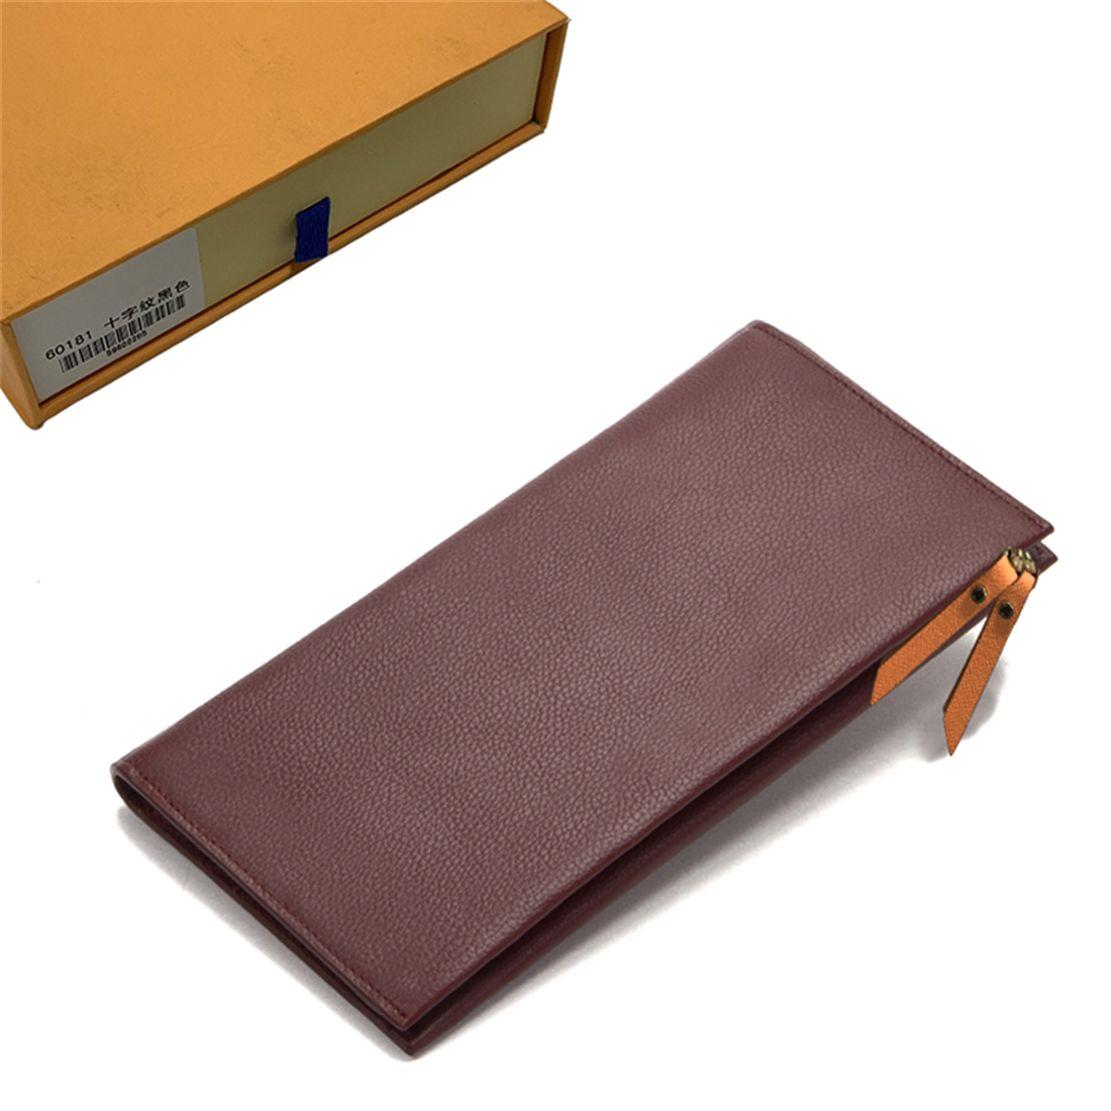 محافظ إمرأة محفظة عملة المحفظة مزدوجة رشيق محفظة سيدة اثنين من سلسلة محافظ أضعاف حامل بطاقة حامل جواز السفر النساء أحمر مفتاح الحقيبة 15-43